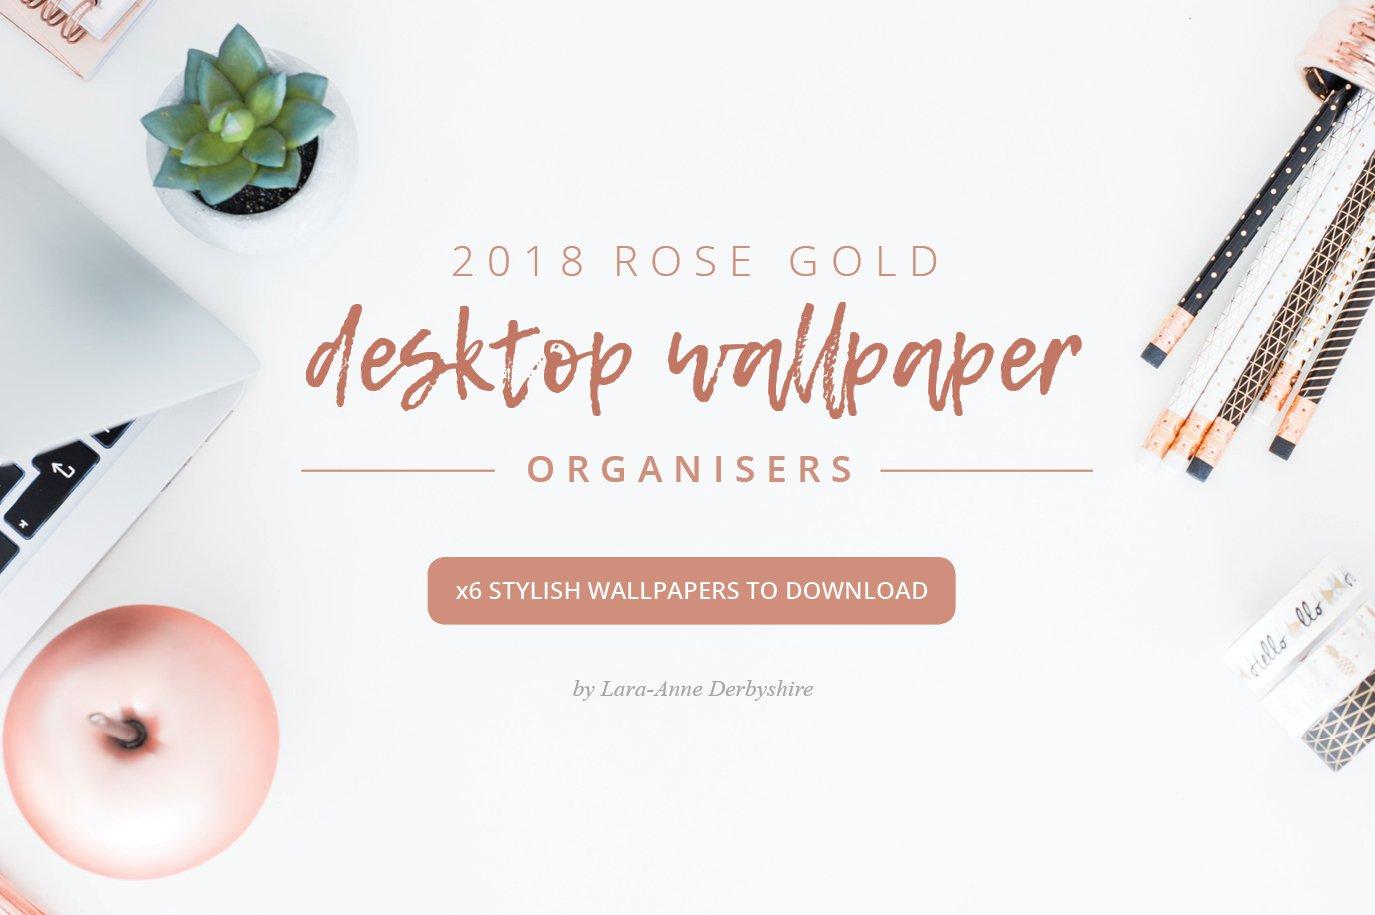 Rose Gold 2018 Desktop Wallpaper Org Stationery